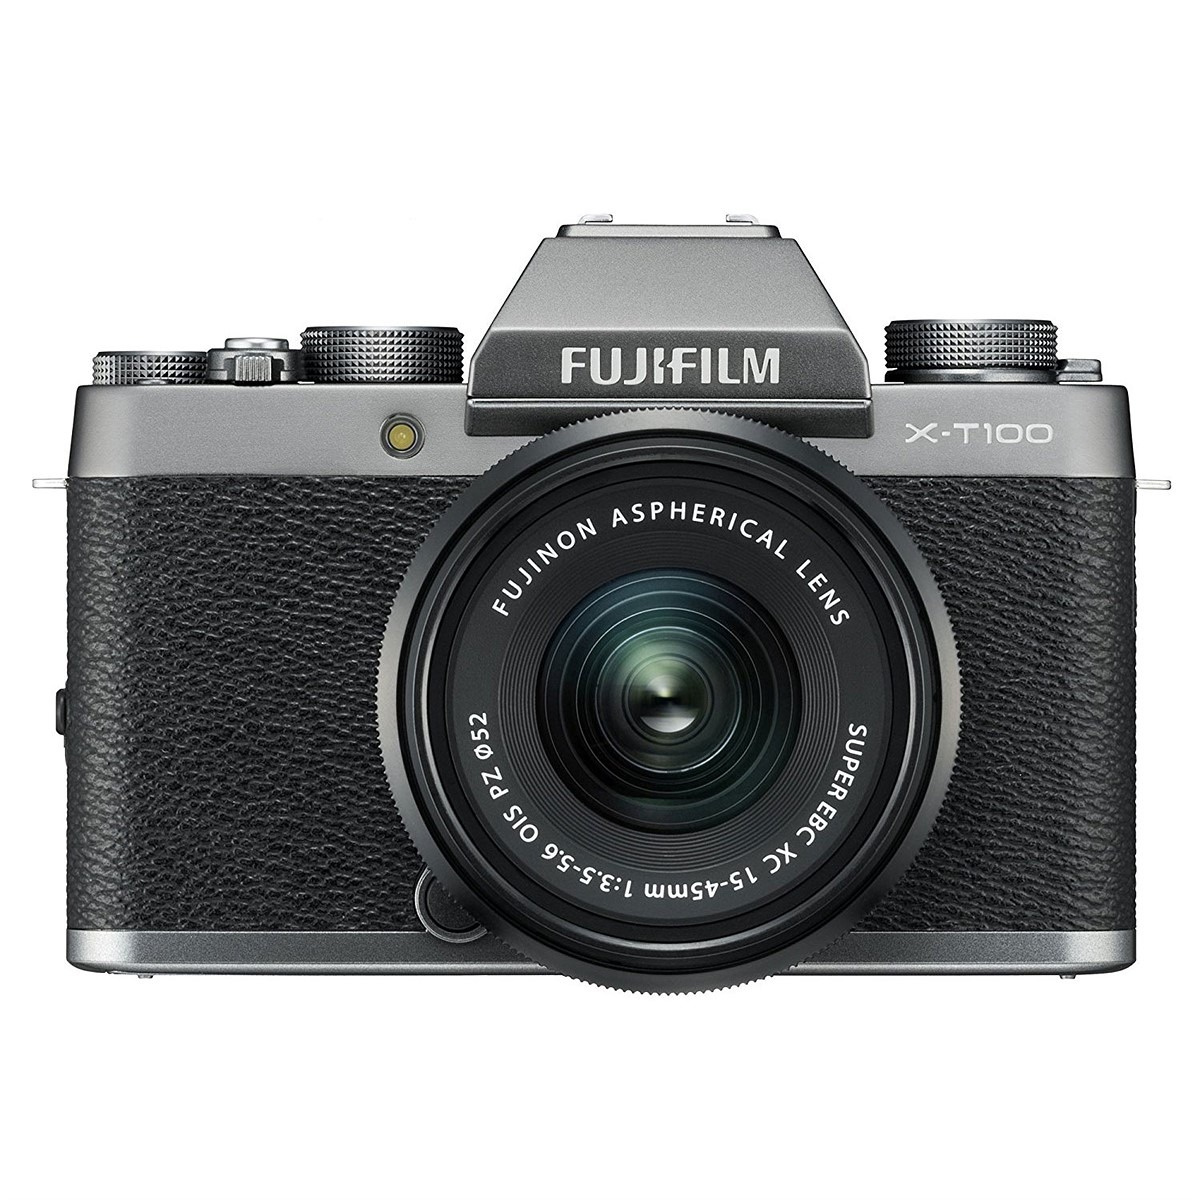 FUJIFILM X-T100 + XC 15-45mm/f3,5-5,6 OIS + dárkový set v hodnotě 2 800,- Kč (workshop, náhradní baterie, USB nabíječka, SD karta) Barva X-T100:…